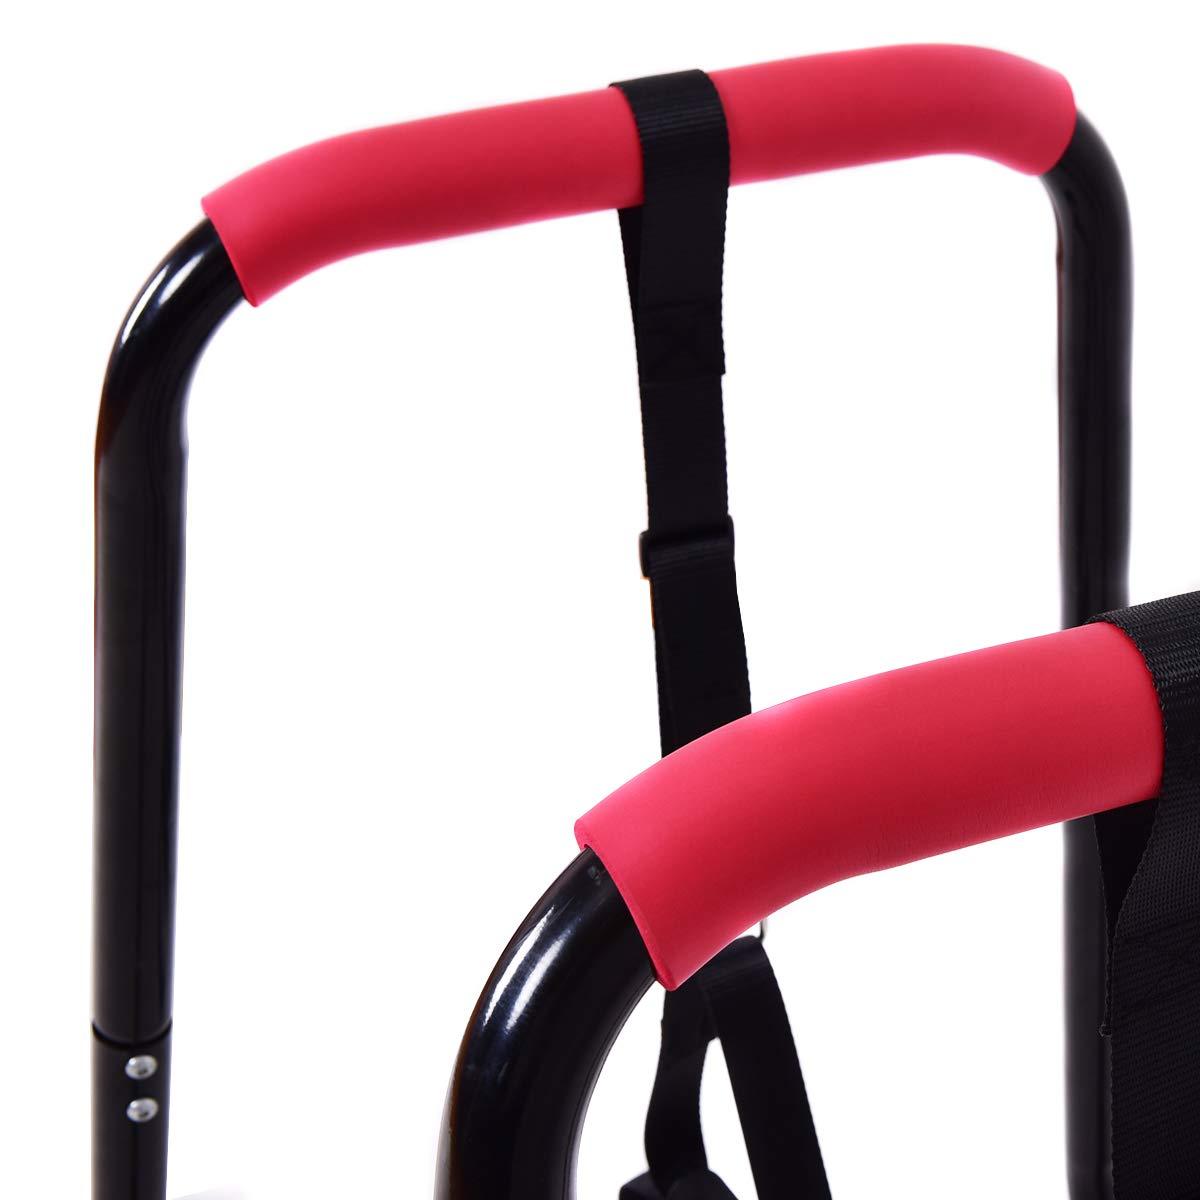 vengaconmigo Barres Parall/èles Fitness//Gym//Musculation Appareil dentra/înement avec Sangles Barres Parall/èles pour lentra/înement avec Poids Station dentra/înement Physique pour Dips Pompes Max120 kg